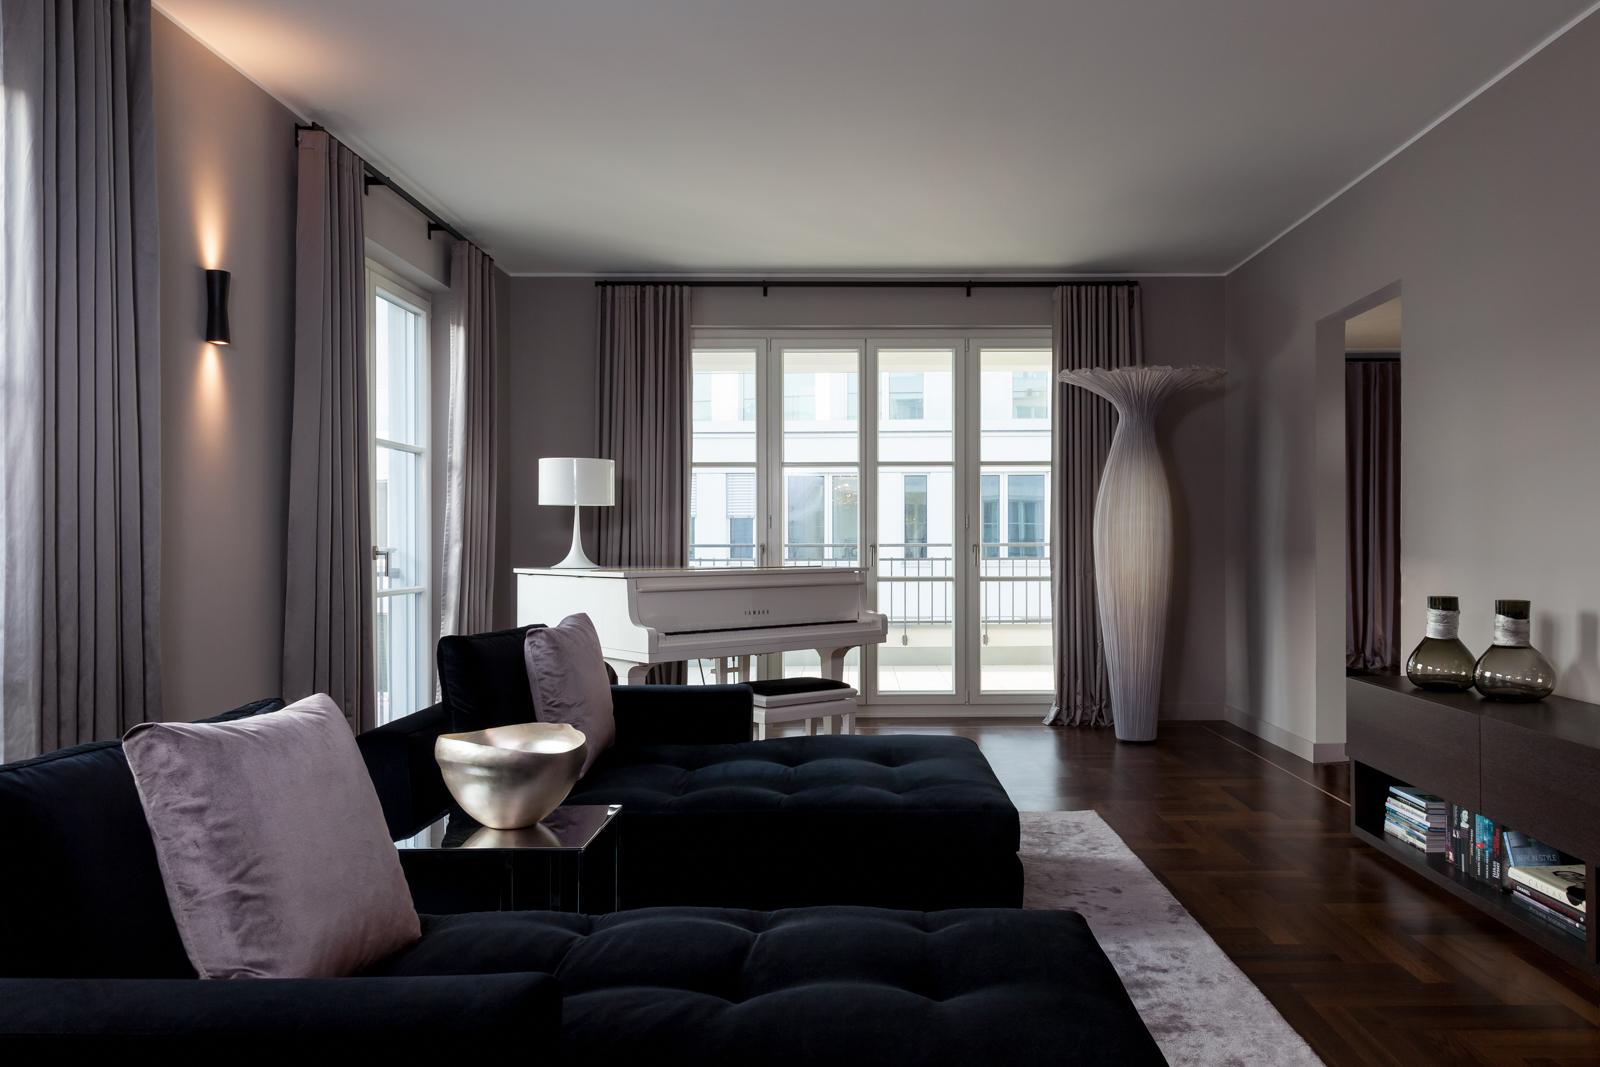 Interiorfotografie für Herrendorf Inneneinrichter Privat Wohnung